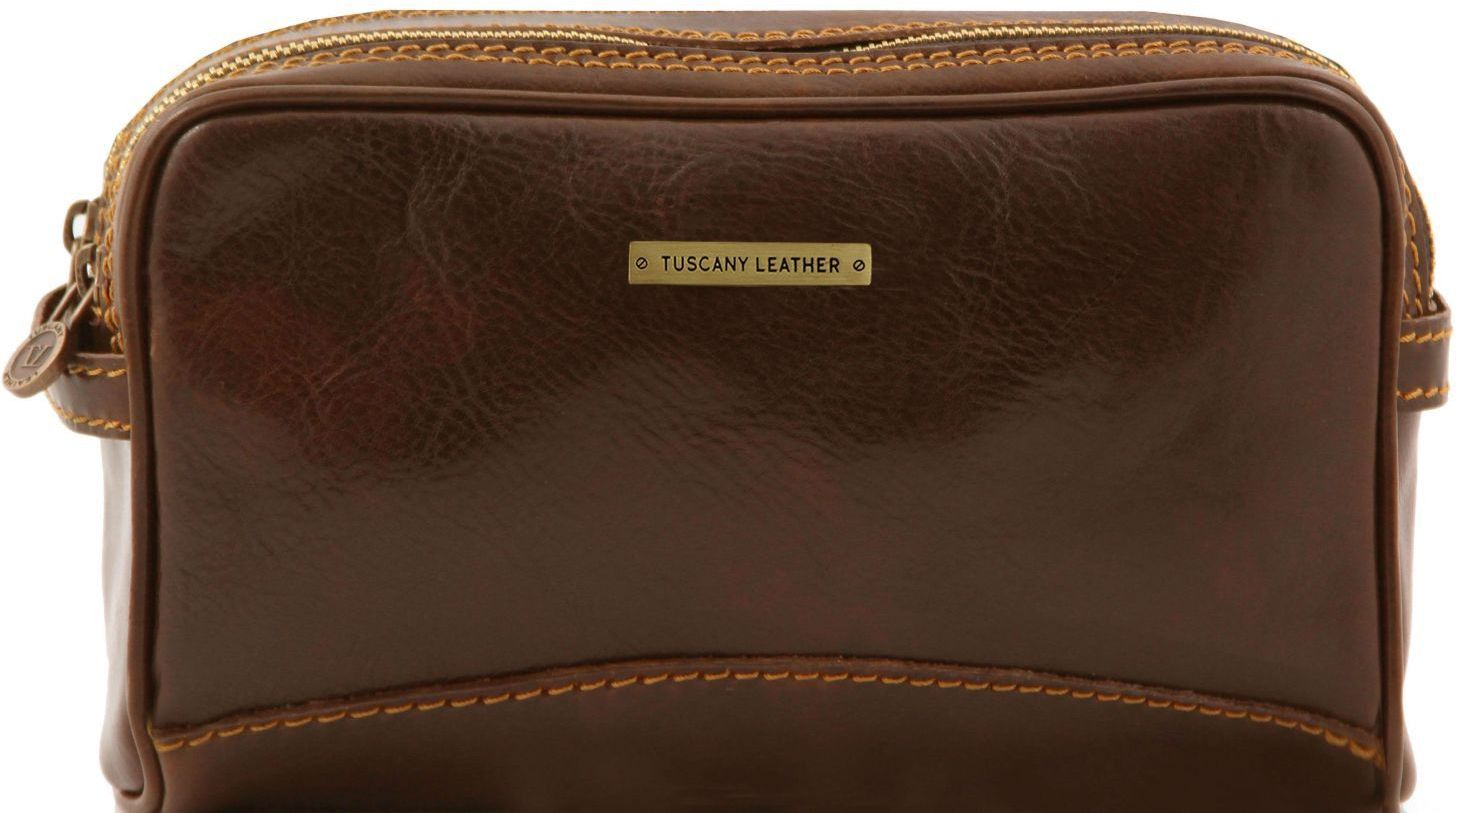 Θήκη – Τσαντάκι Καλλυντικών Δερμάτινο Igor Καφέ σκούρο Tuscany Leather